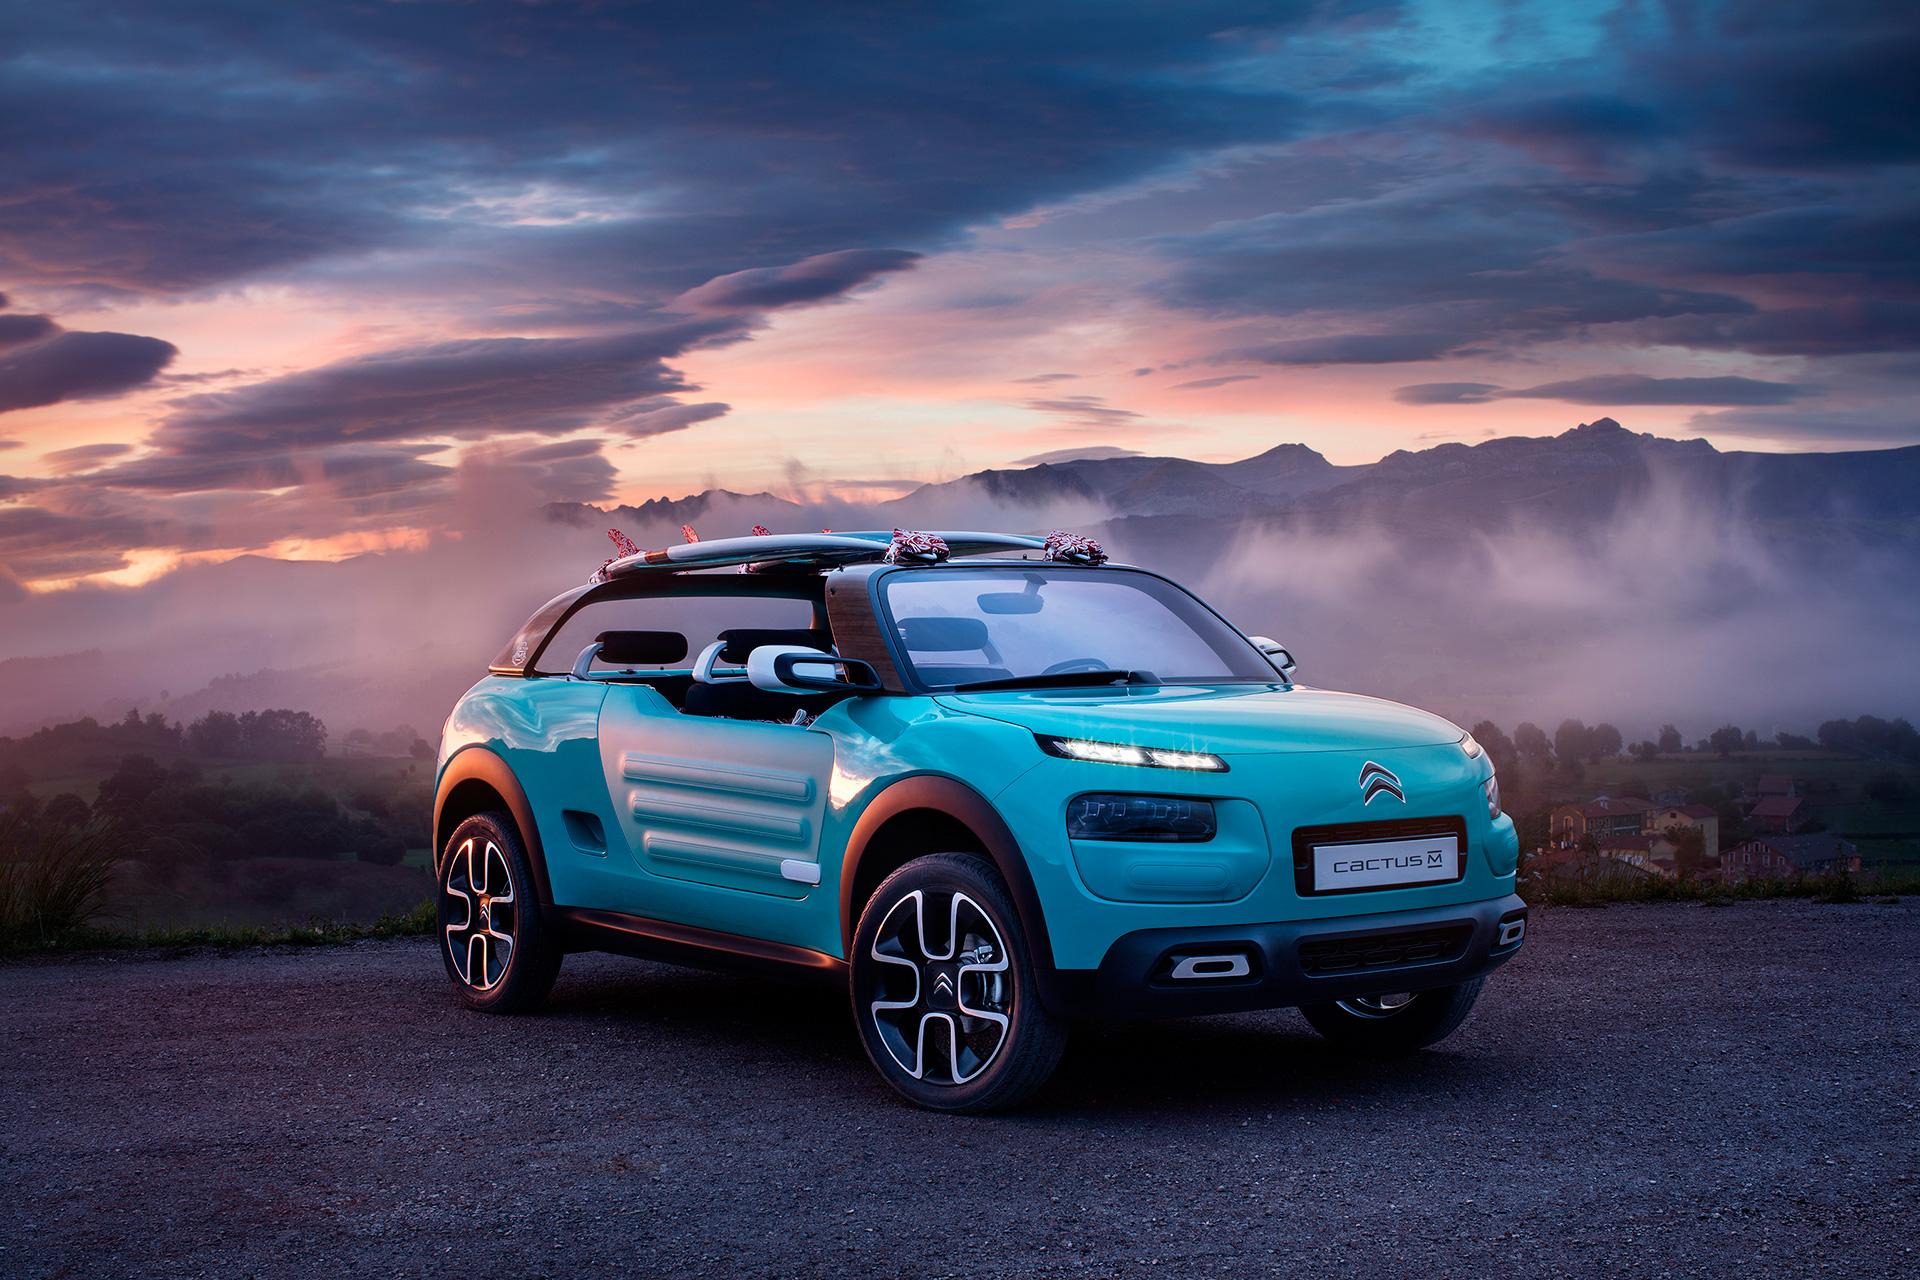 Citroën Cactus M concept - 2015 - sky